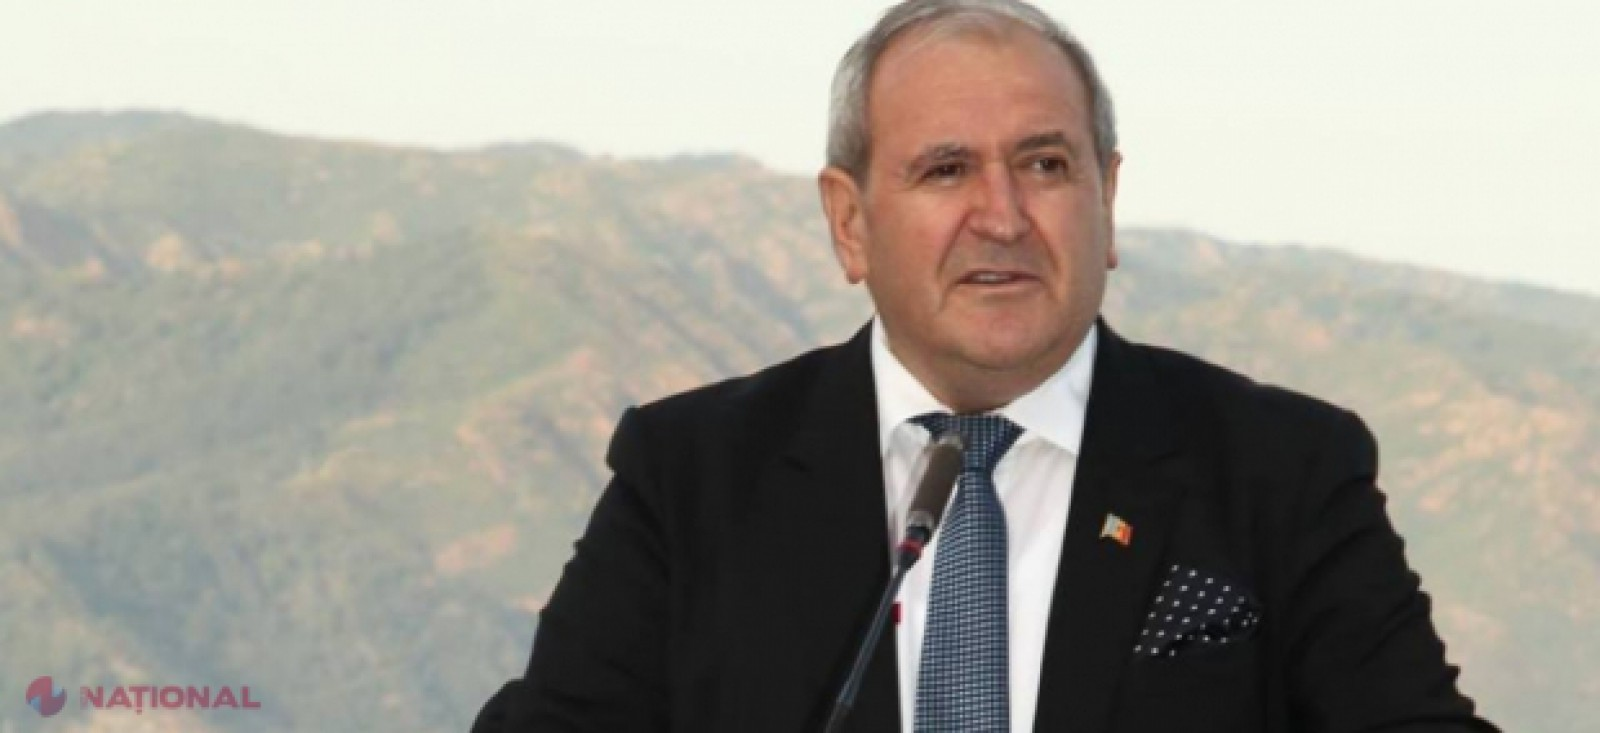 Consulul general în Turcia, Veaceslav Filip, acuzat de corupție, rechemat în Moldova